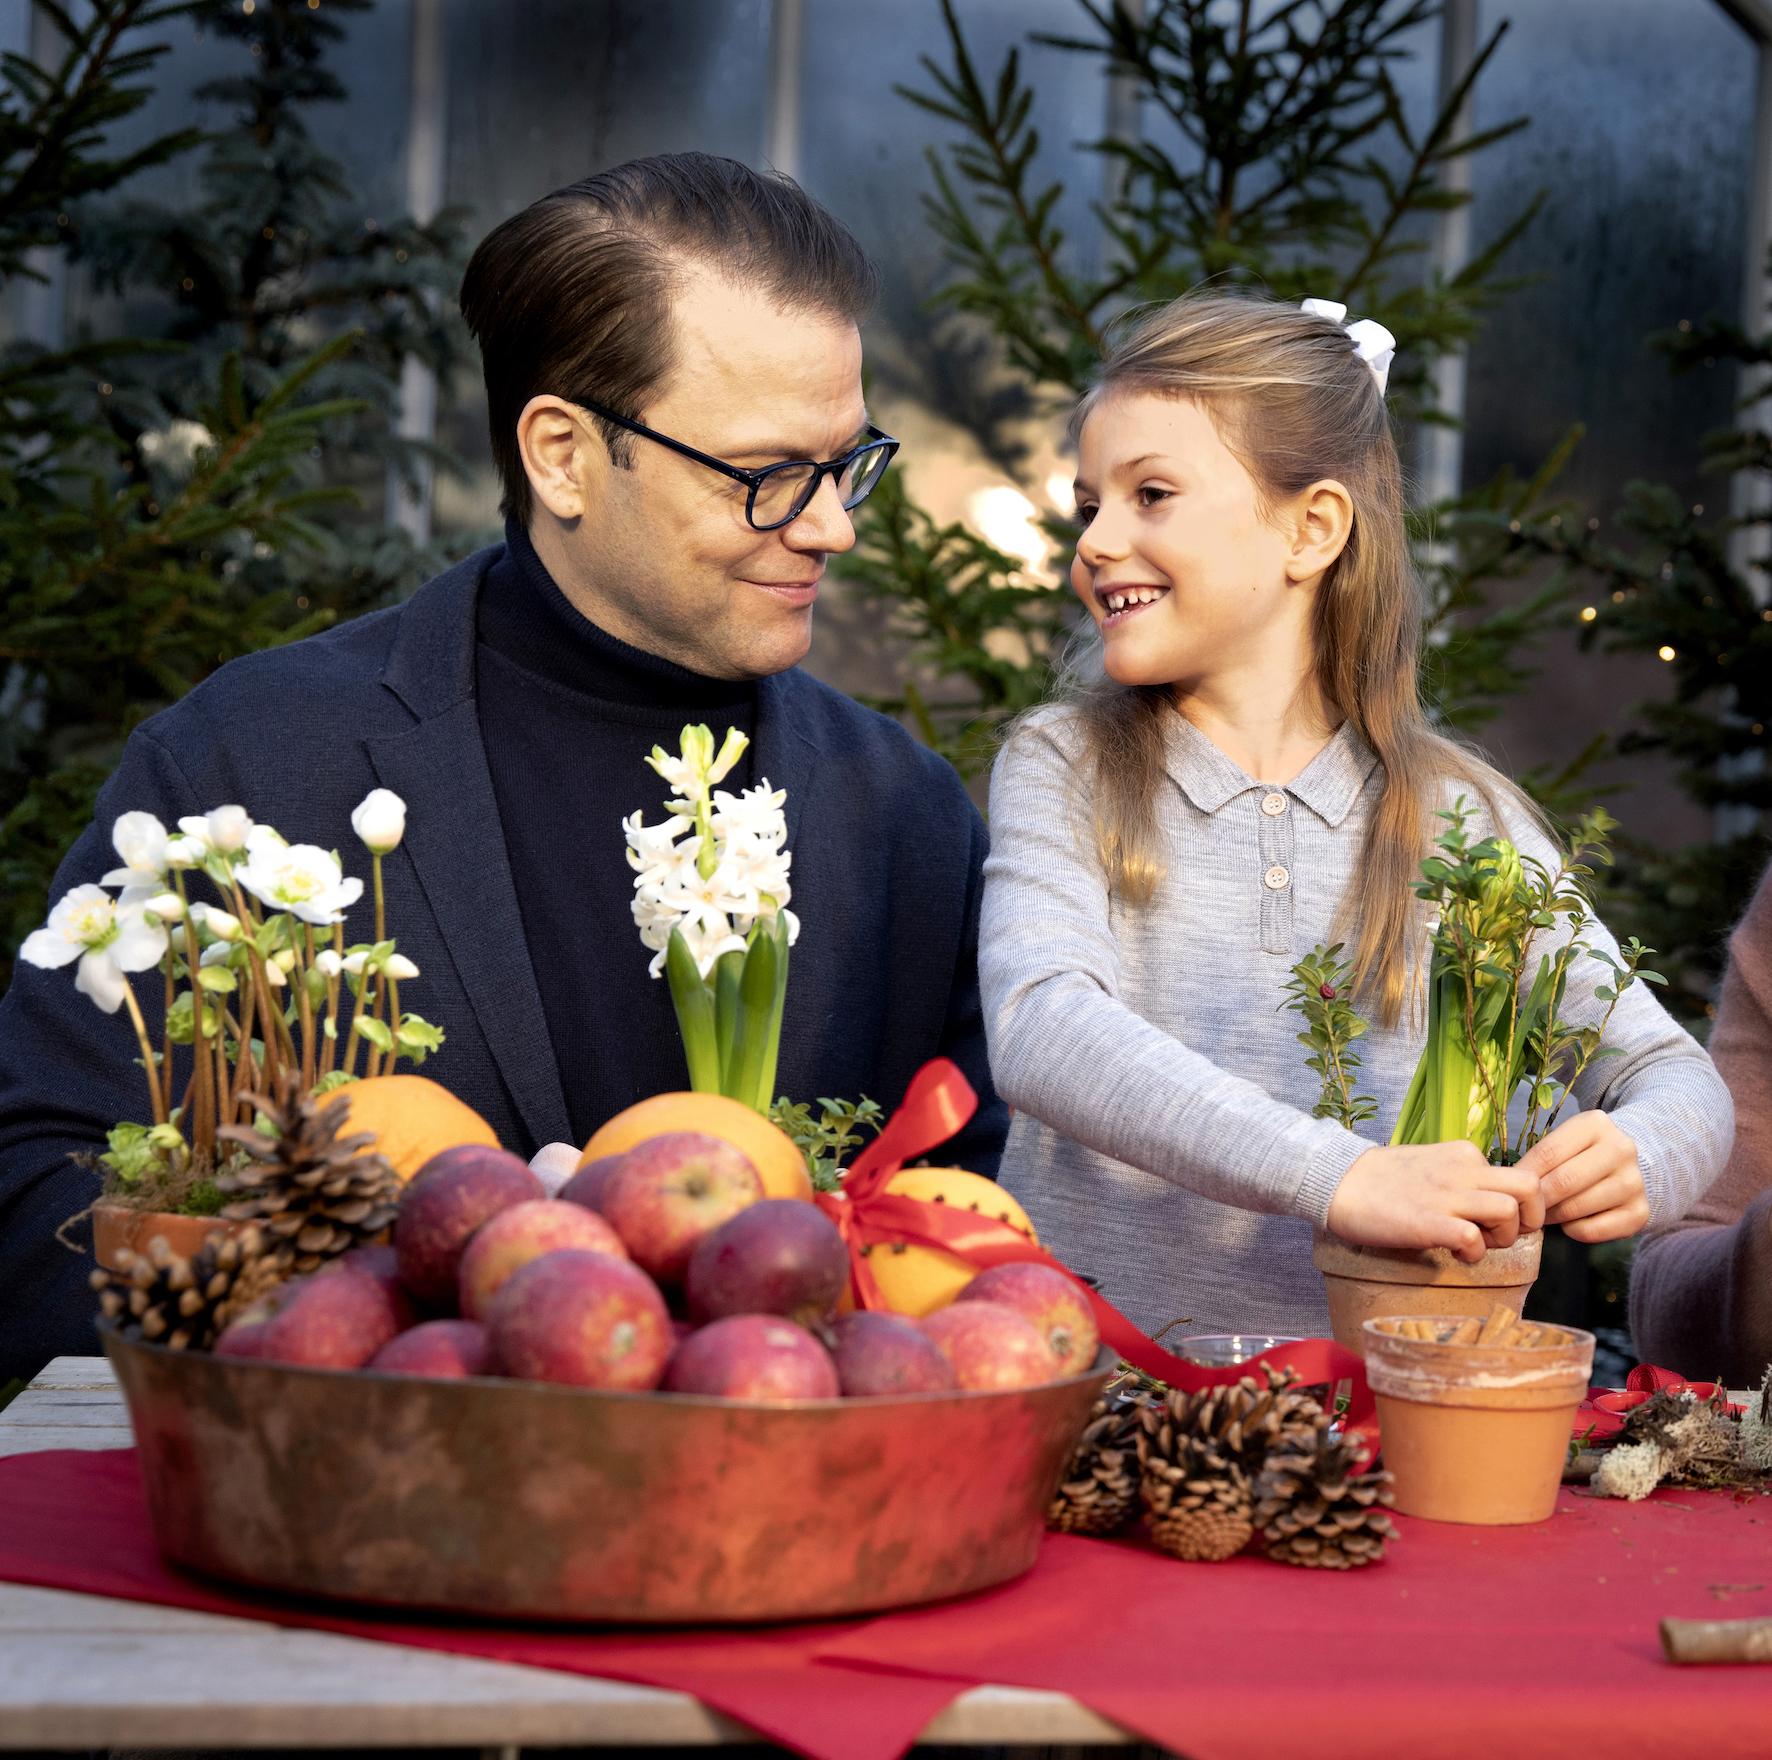 Prinzessin Estelle bepflanzt eine Amaryllis, die auch als Rittersterne bekannt sind.  ©Tiina Björkbacka, Kungl. Hovstaterna